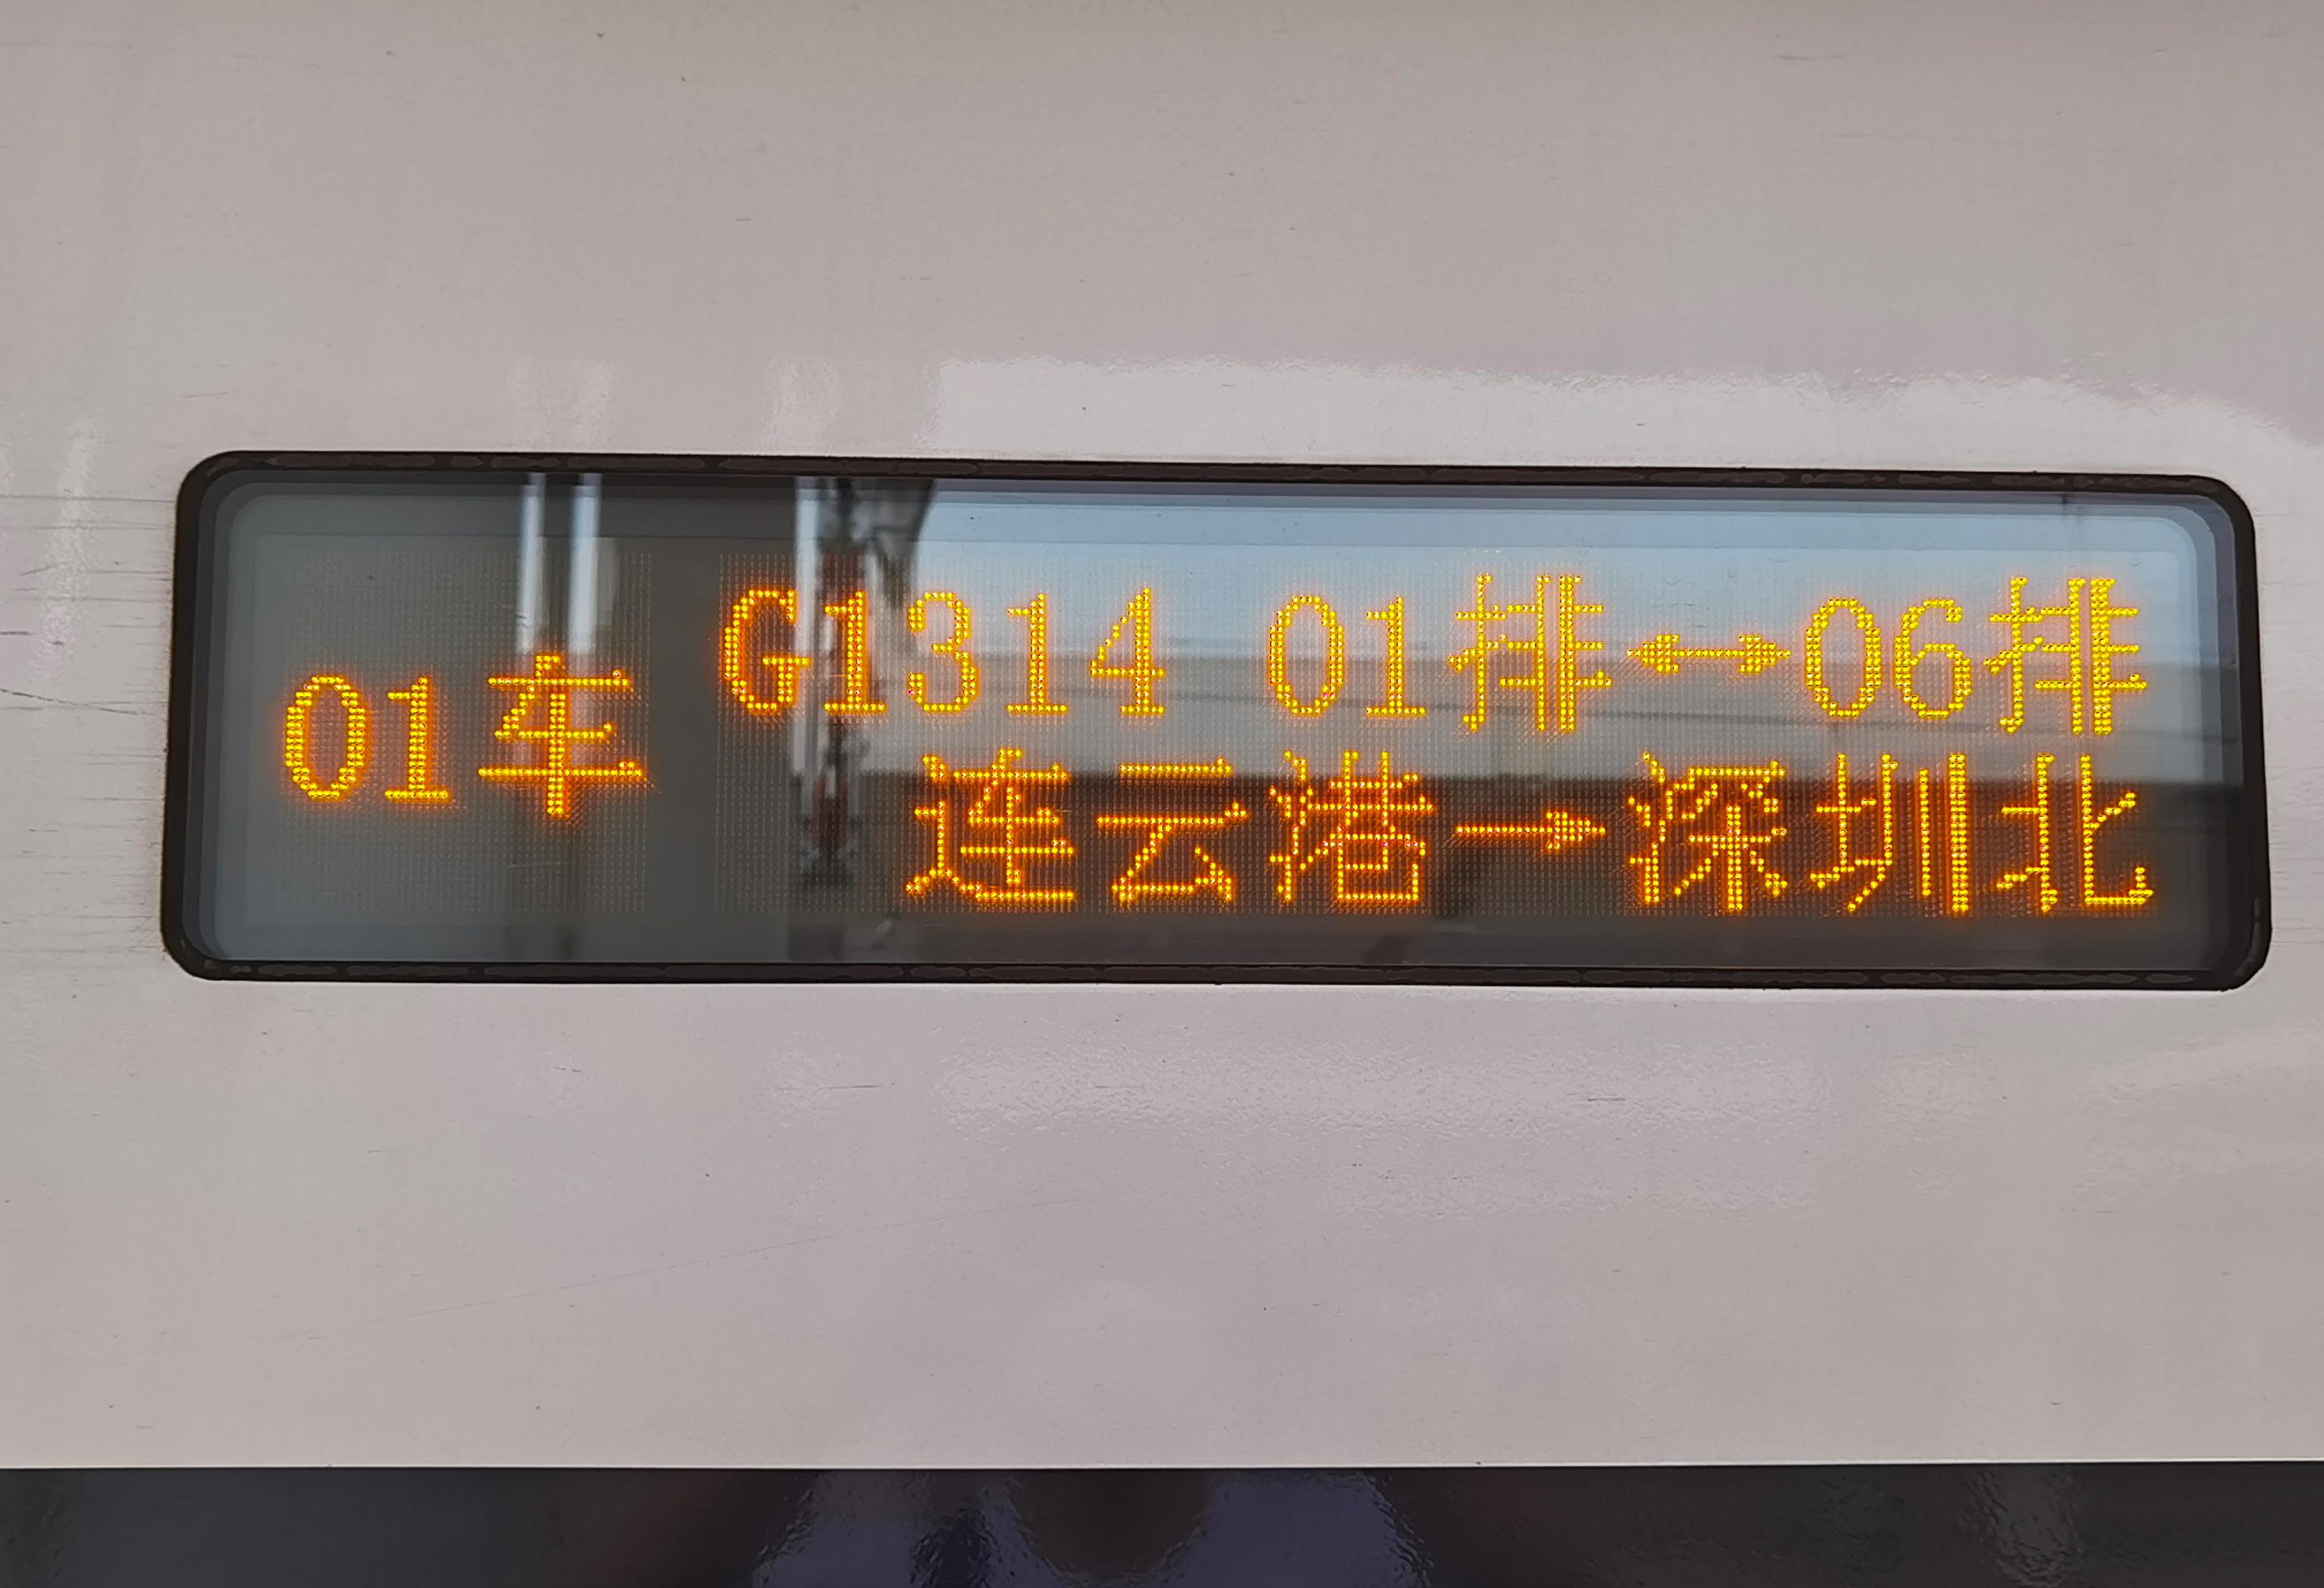 連云港至北京南、連云港至深圳北高鐵開通